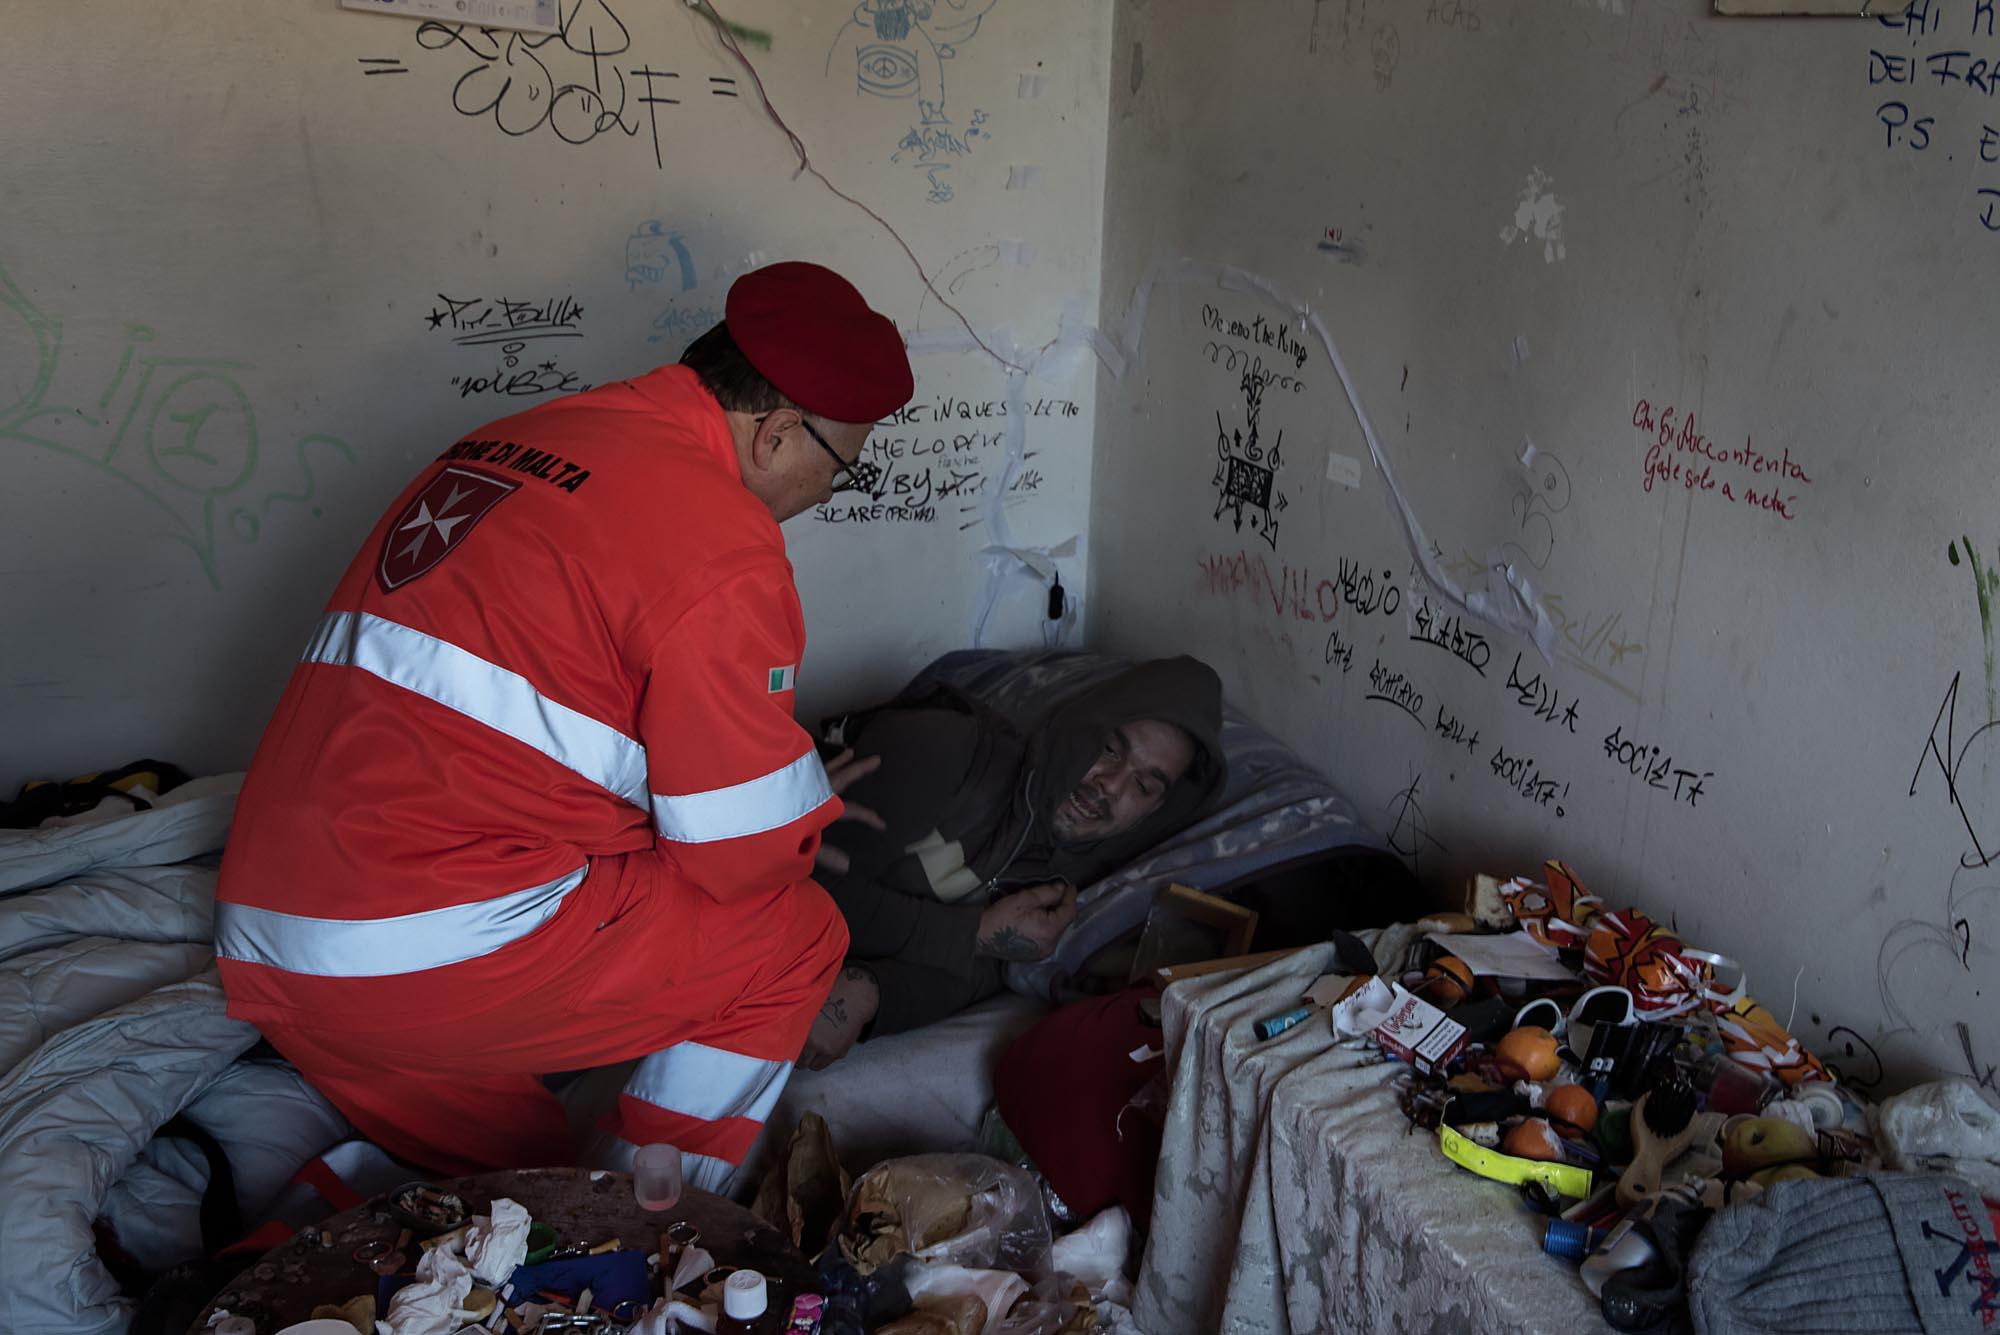 0563P1 civile toscana10 - Assistenza senza dimora, dare una mano